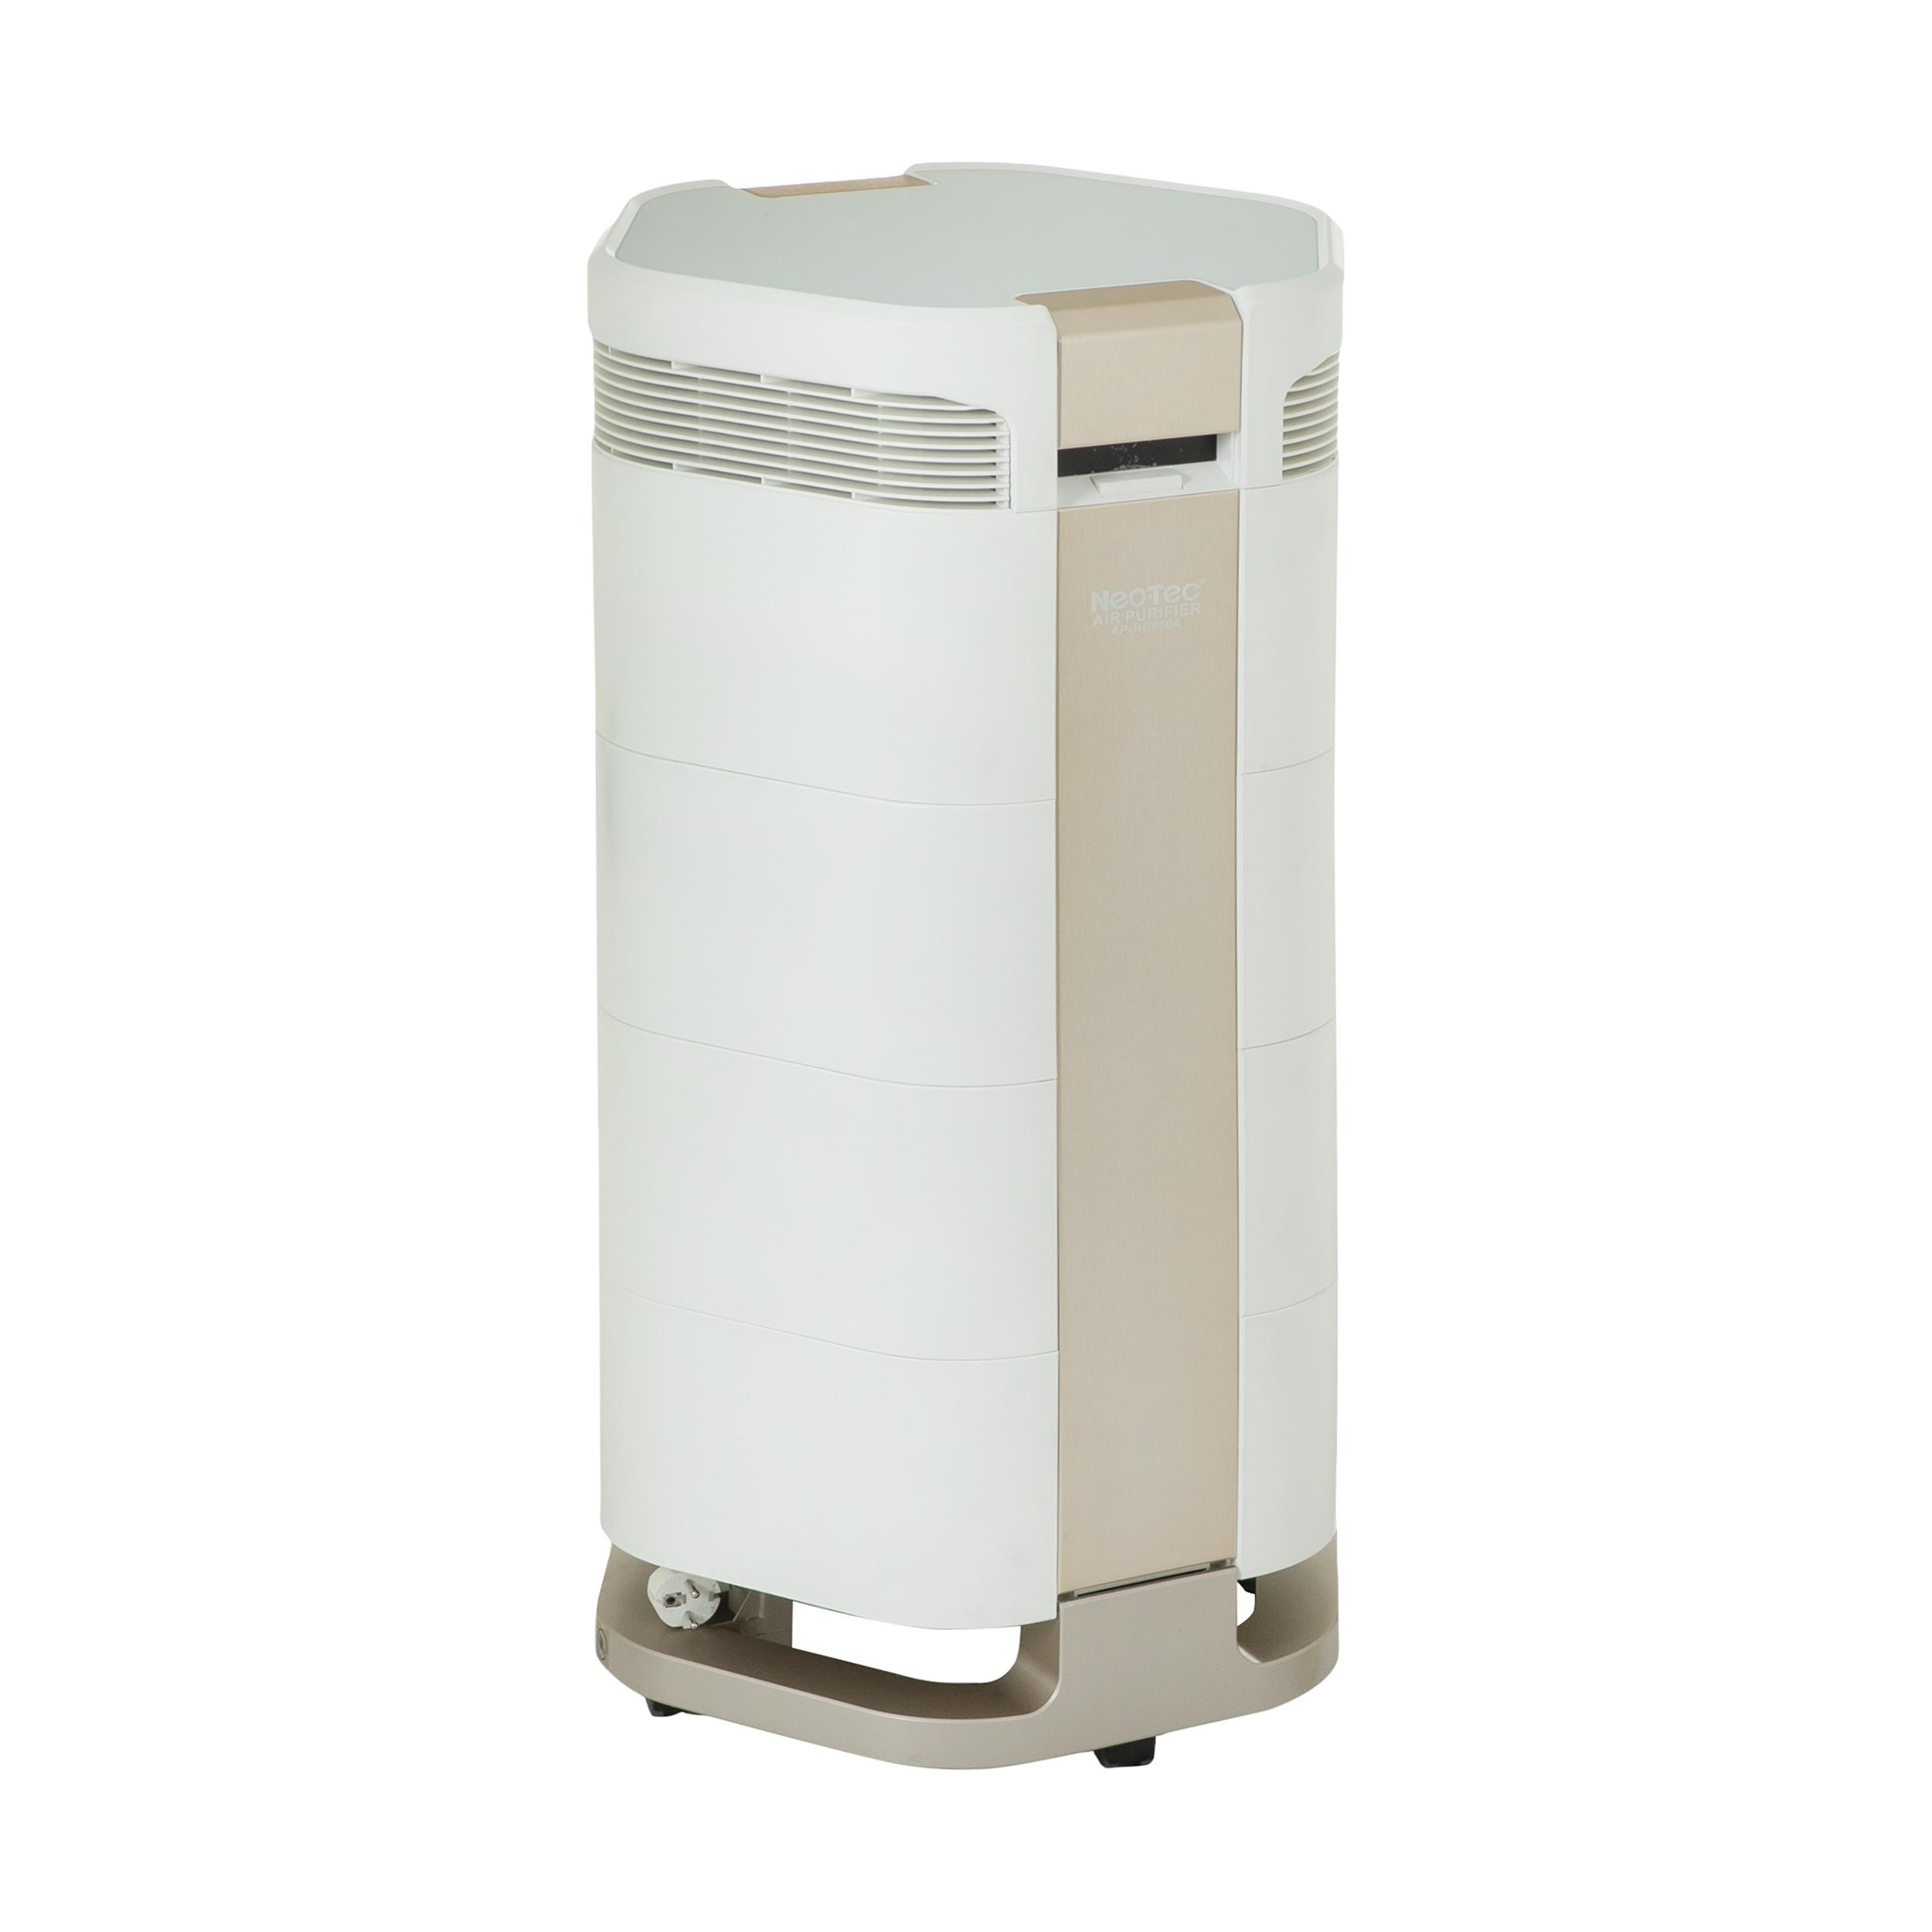 دستگاه تصفیه کننده هوا نئوتک مدل AP-HC600A